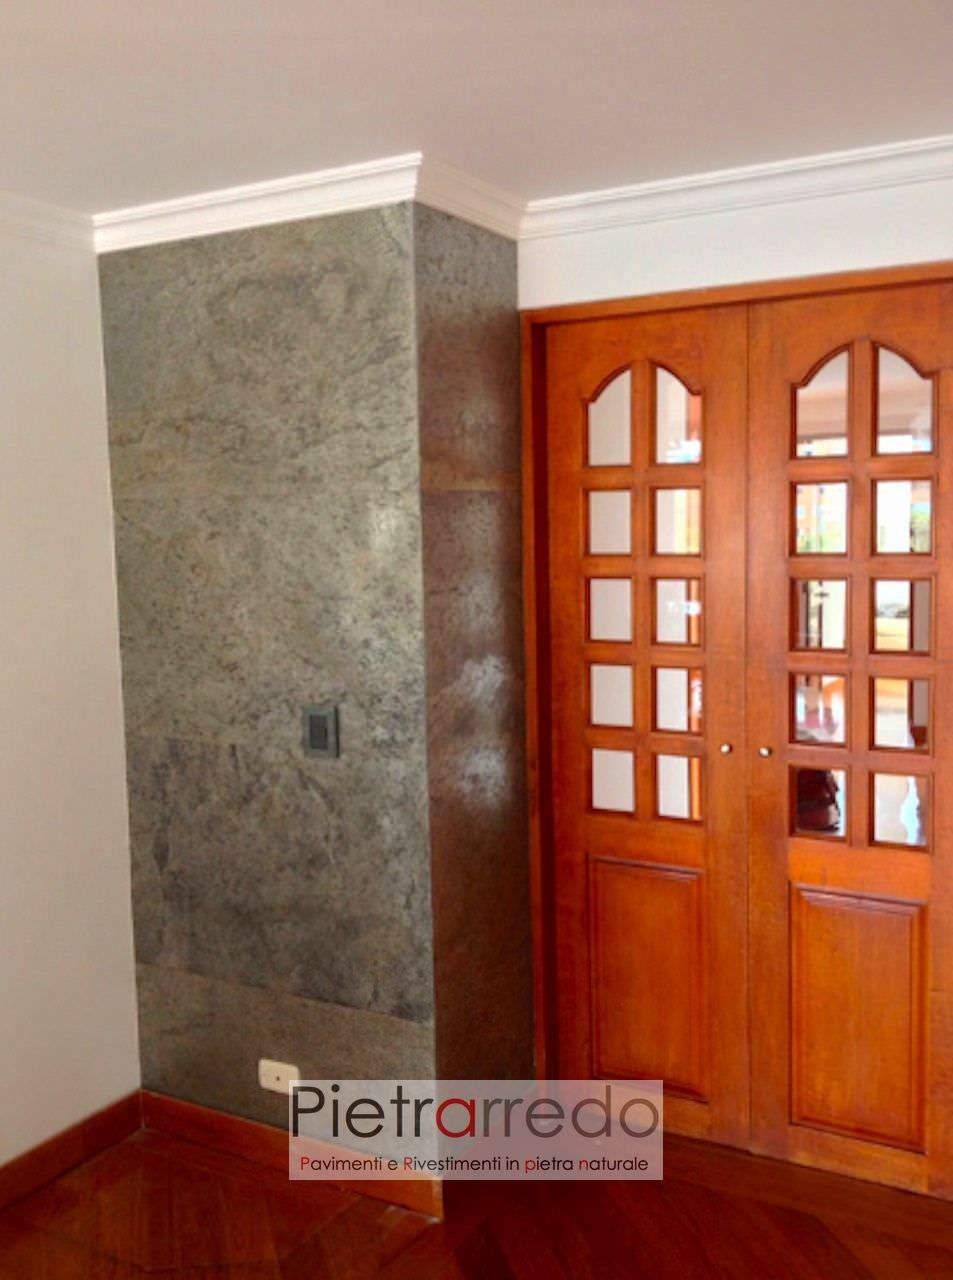 stone design pietra flexstone nanostone flessibile per muri e pareti prezzo pietrarredo milano